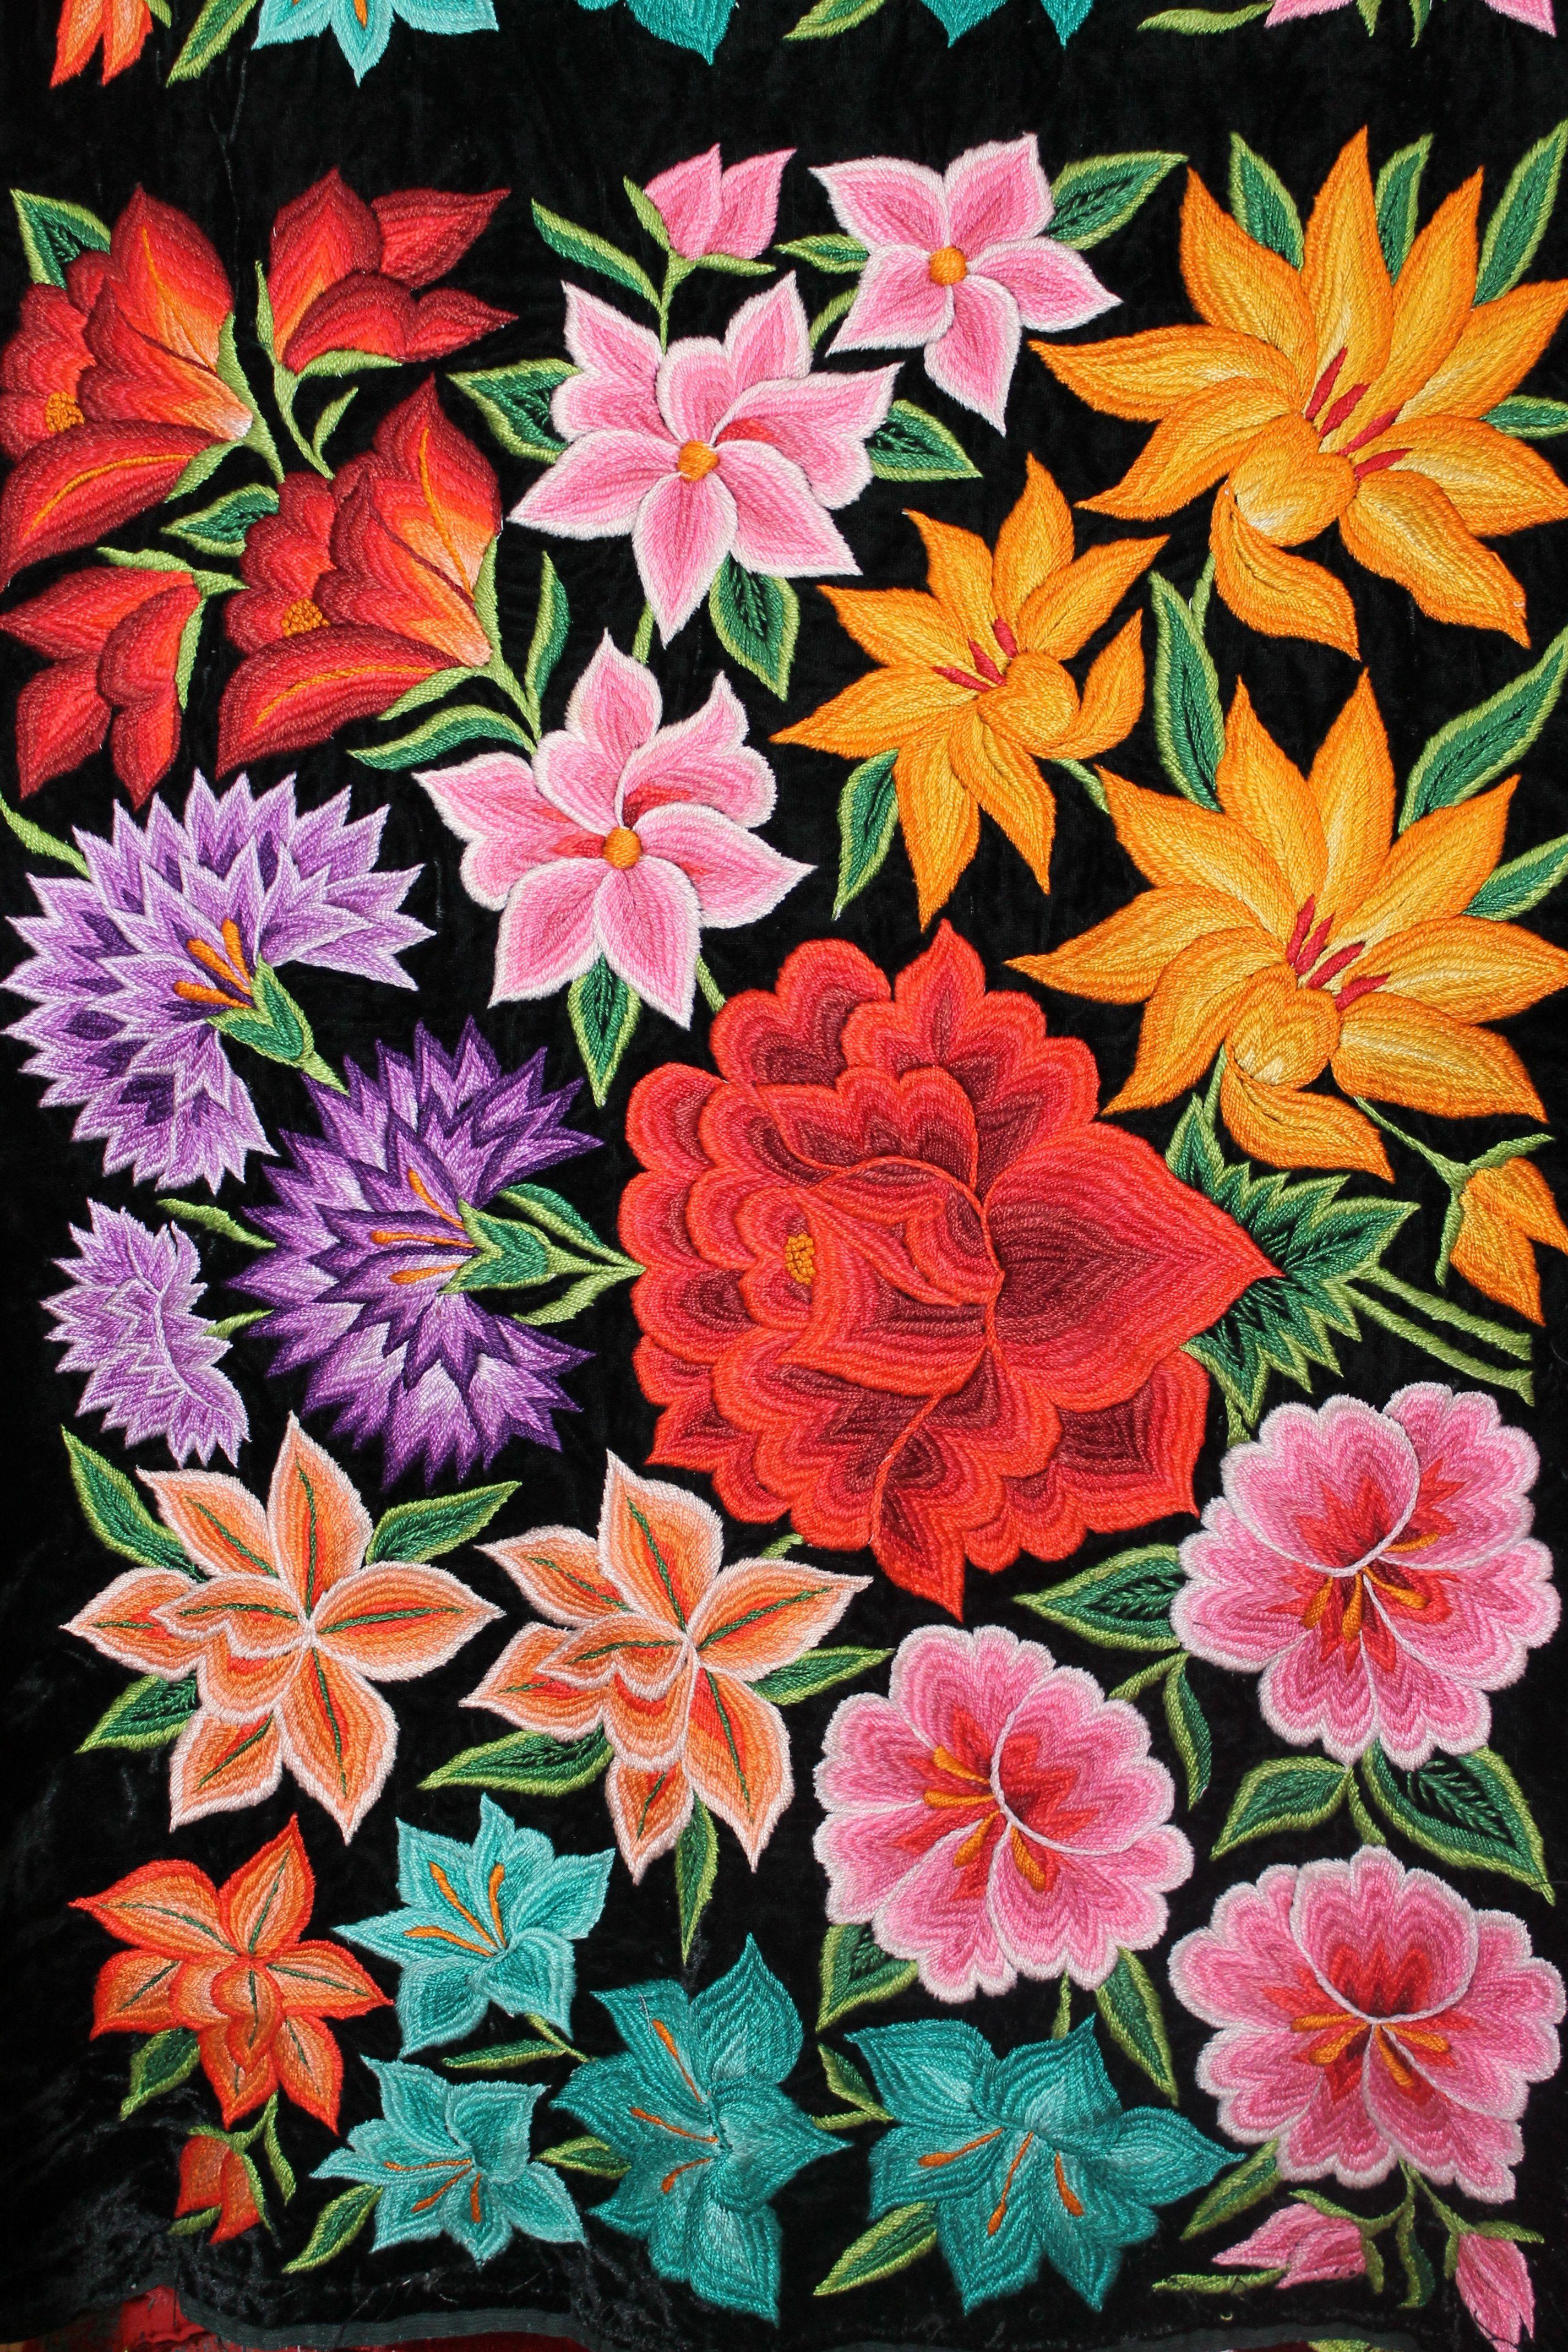 Lienzo Con Bordado De Diversas Flores Hecho A Mano Con Aguja Sobre Tela De Raso Negra Flores Mexicanas Bordado Flores Bordadas